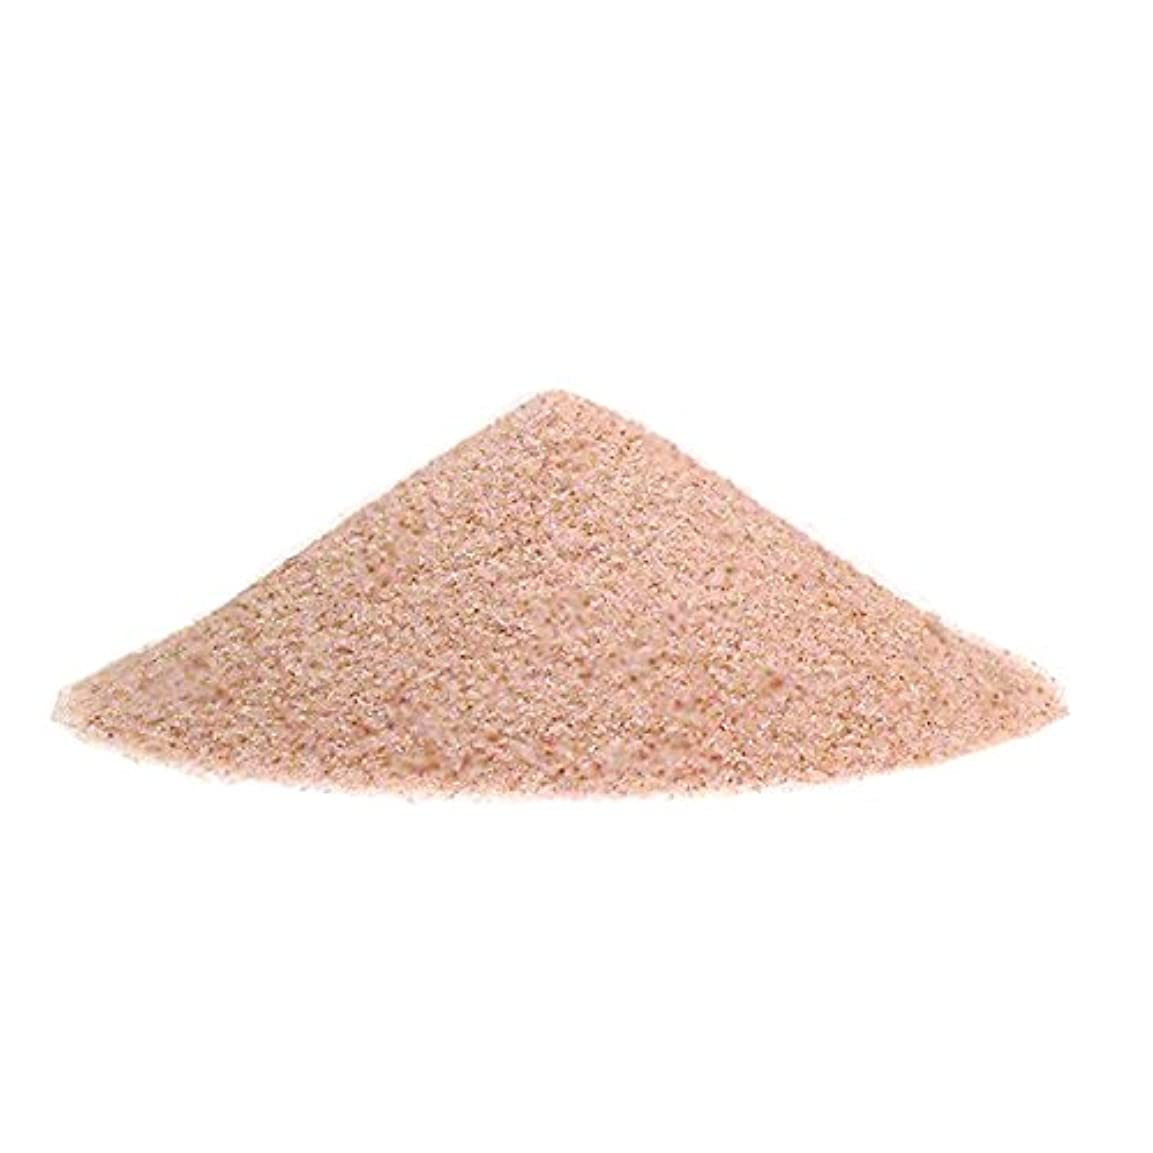 ラメアンビエント欠如ヒマラヤ岩塩 ピンクソルト 入浴用 バスソルト(微粒パウダー)2kg ピンク岩塩